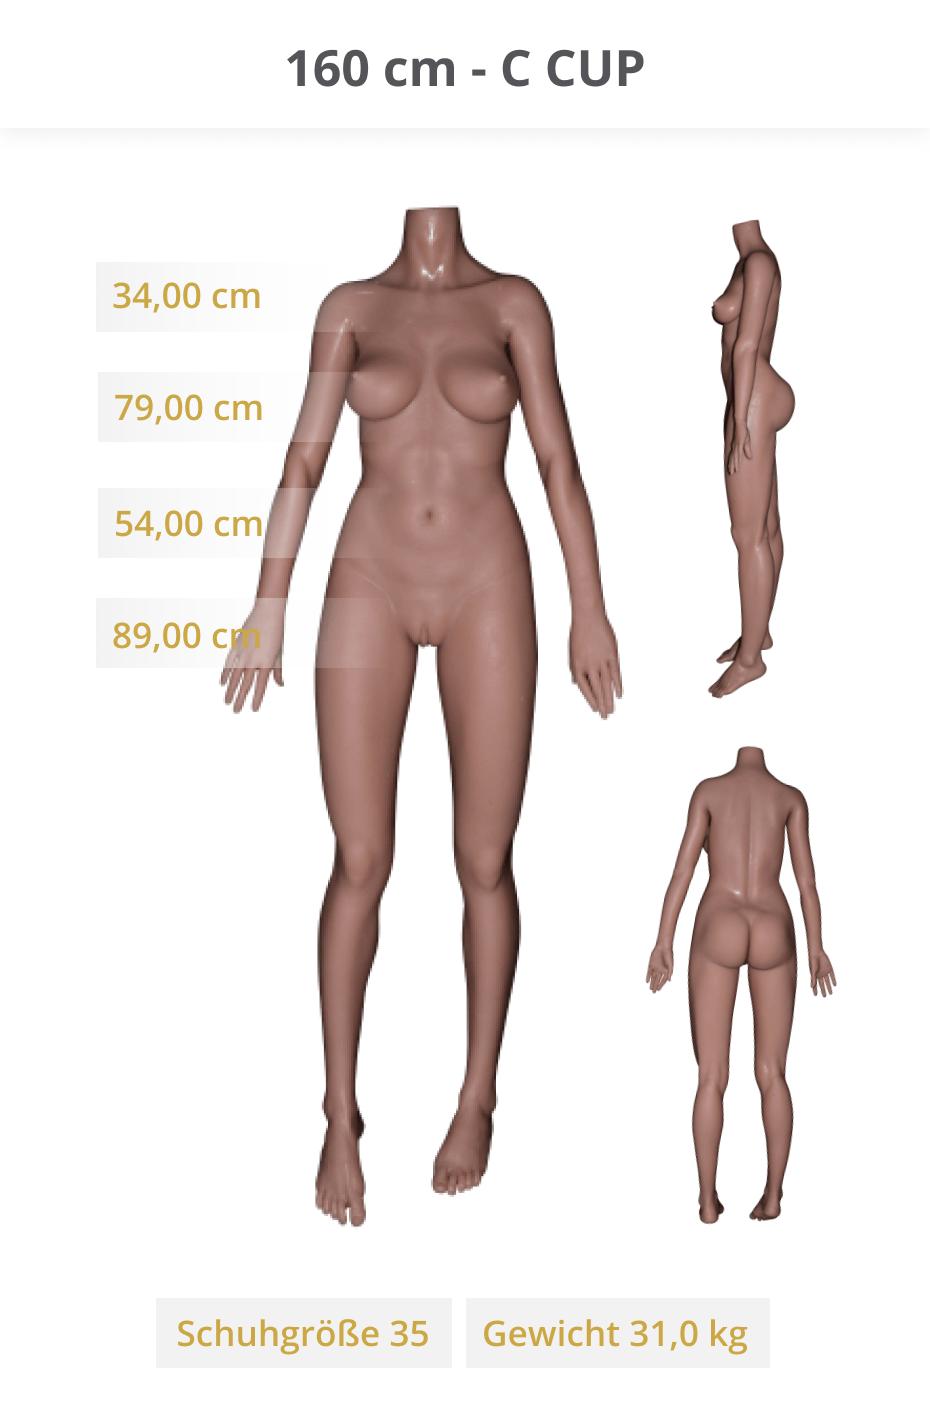 6ye-Dolls-160-cm-C-CUP